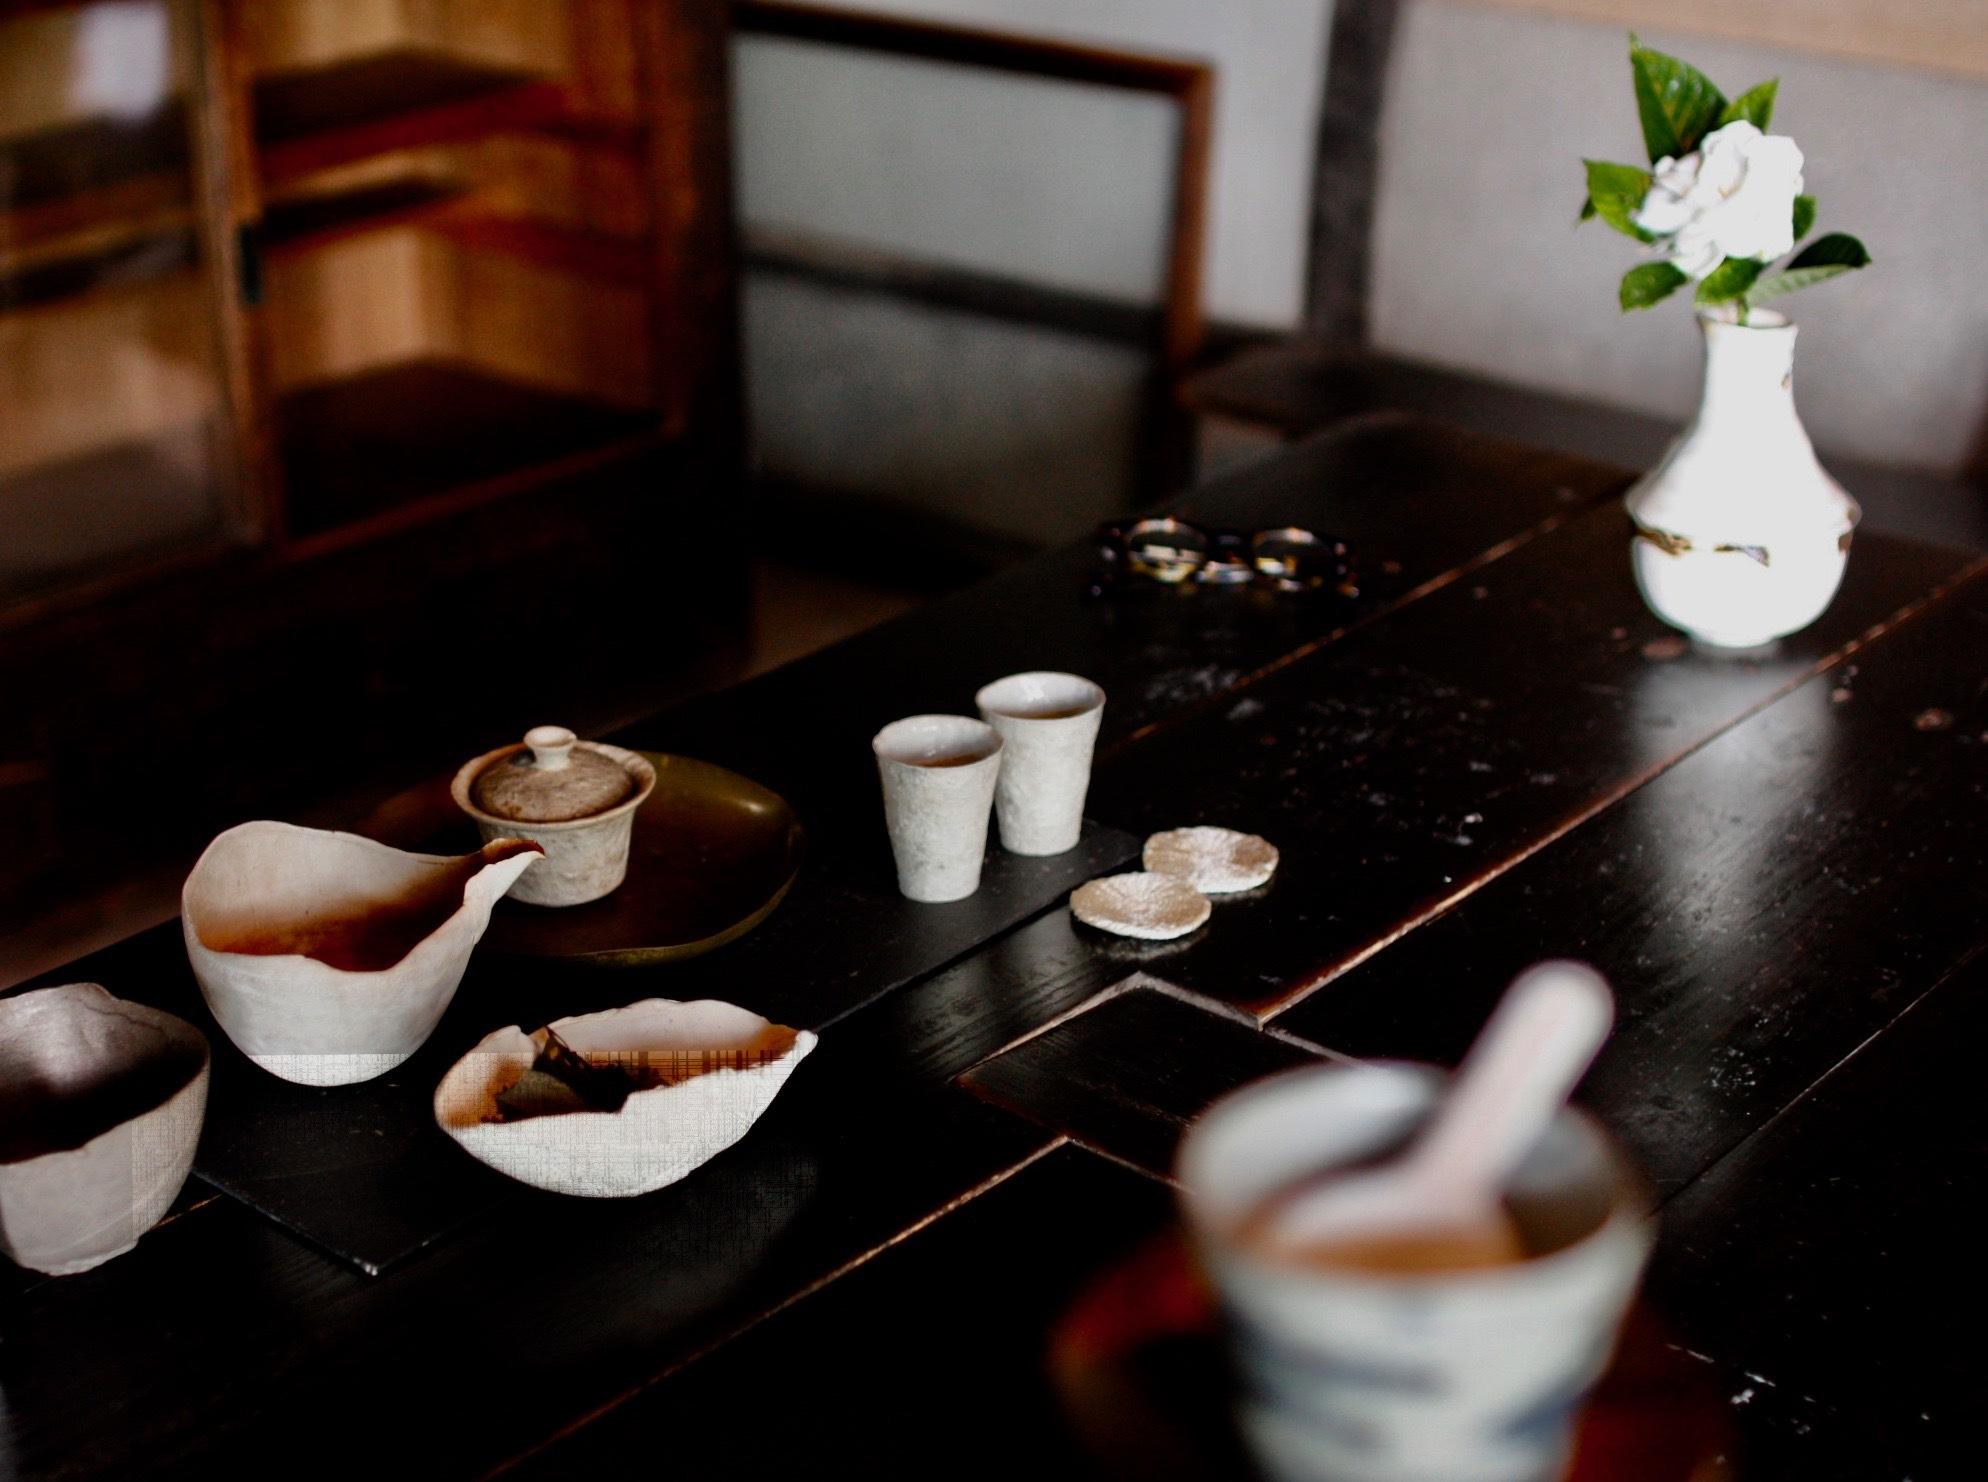 河合和美さんの工房へ_d0210537_17562785.jpg